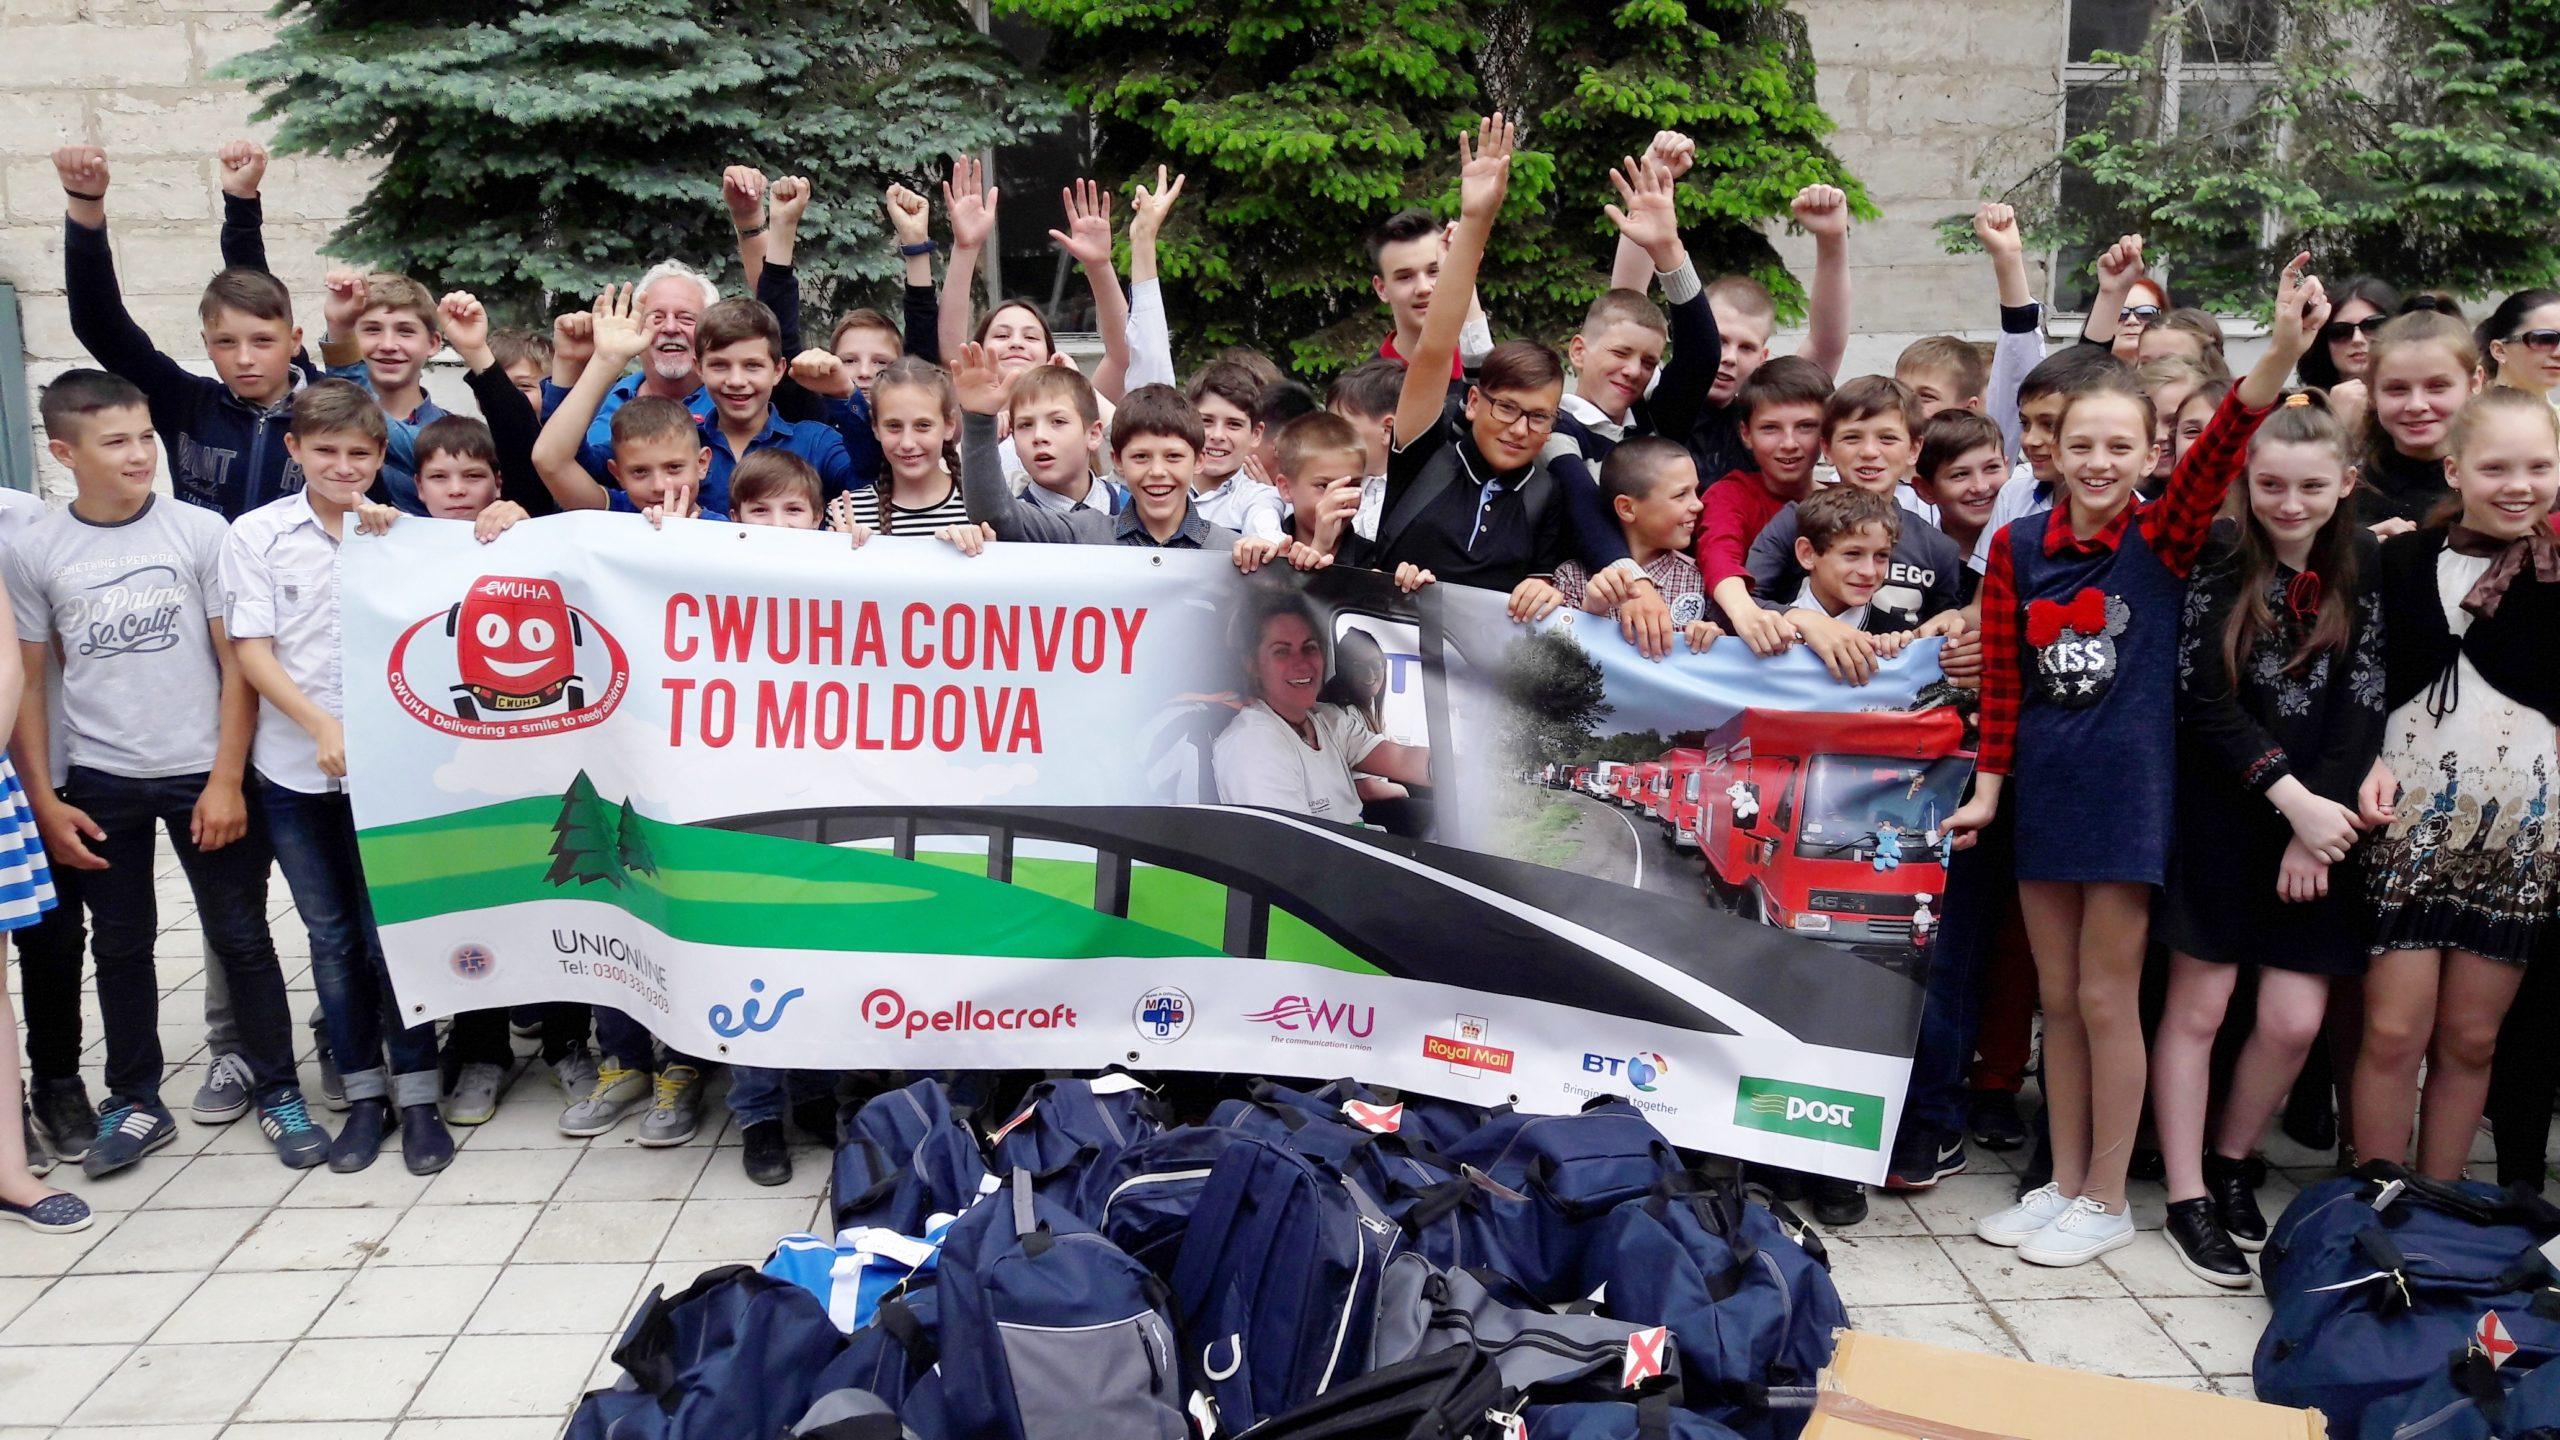 CWUHA Convoy to Moldova